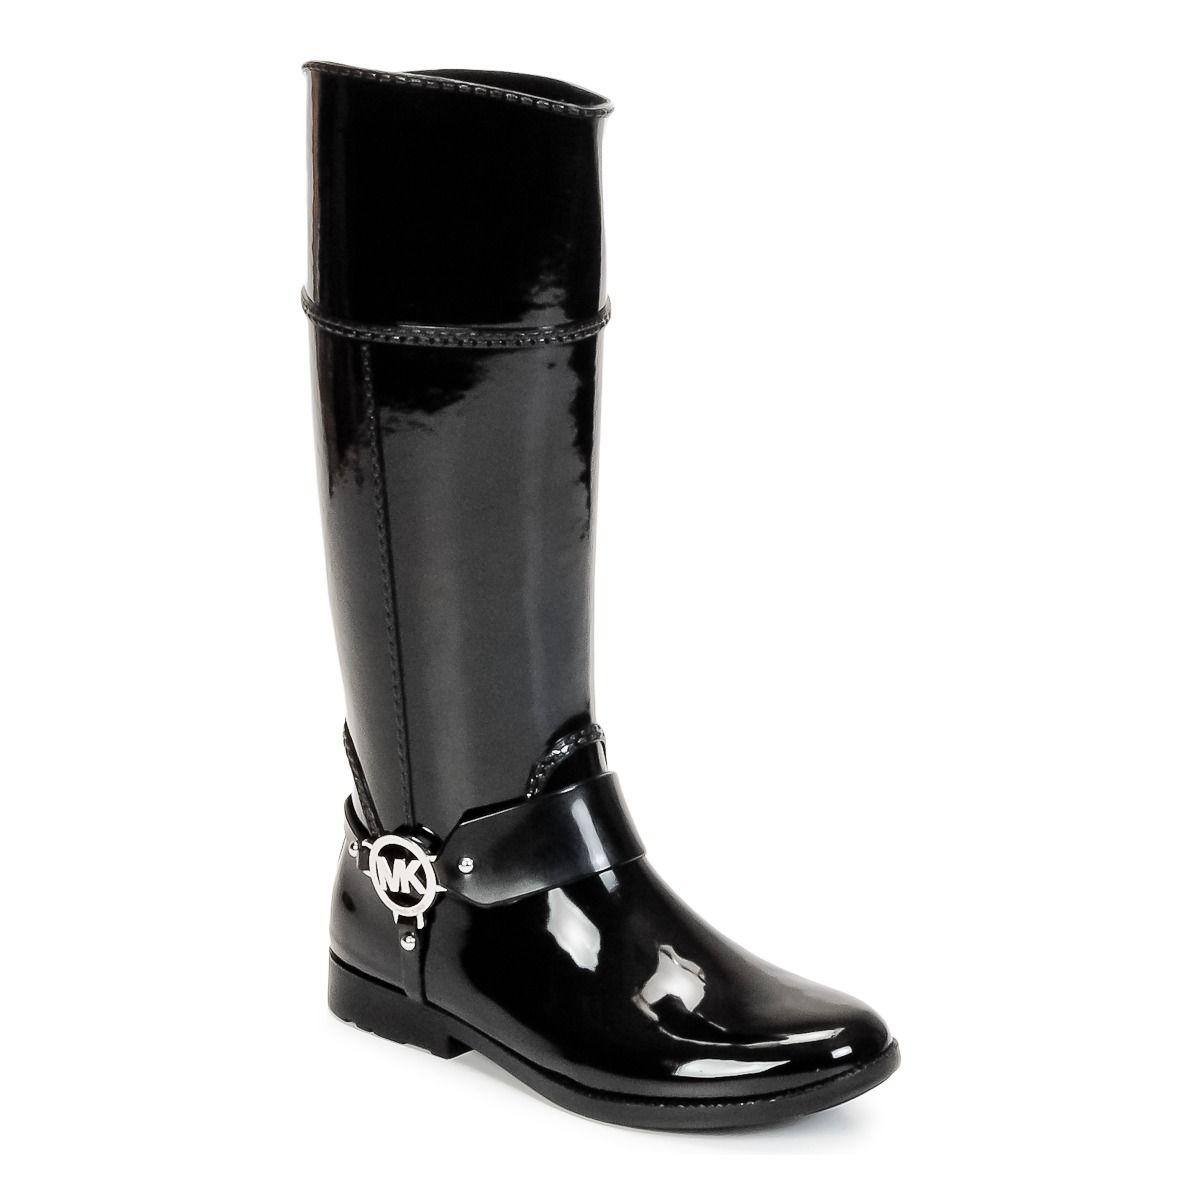 14a1cb4f3e0 Bottes de pluie MICHAEL Michael Kors FULTON HARNESS TALL RAINBOOT Noir prix  promo Bottes de pluie Femme Spartoo 129.00 €